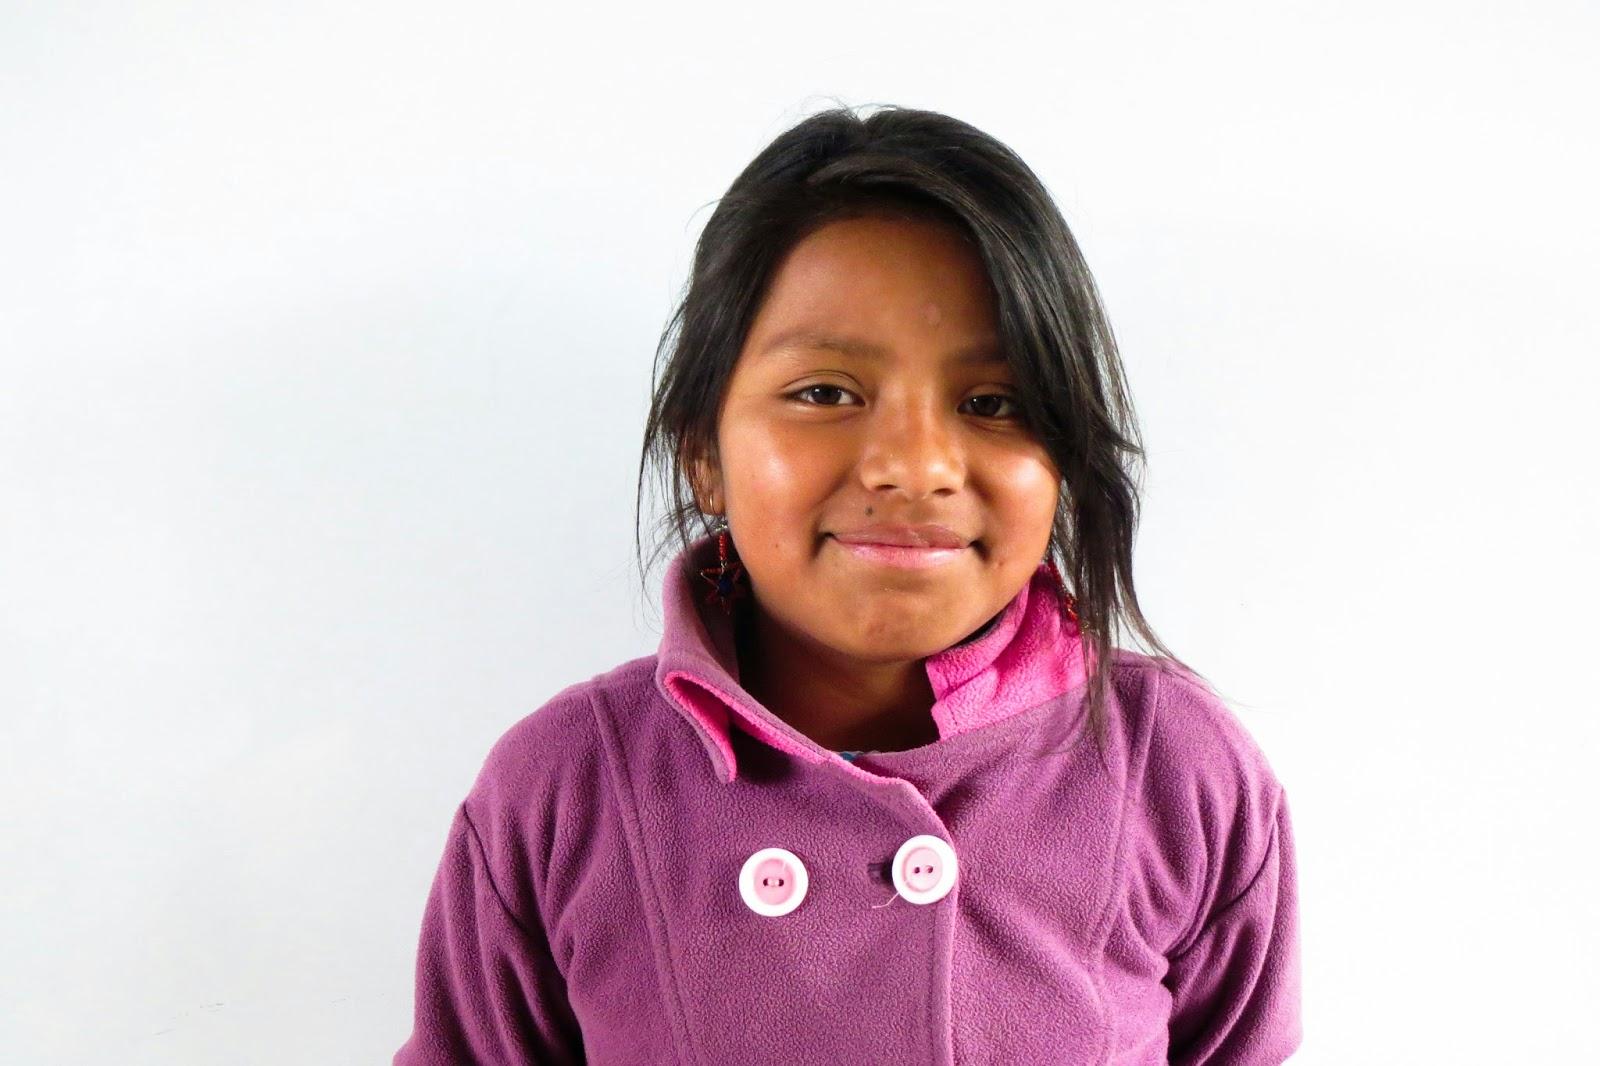 Raymi, Age 9